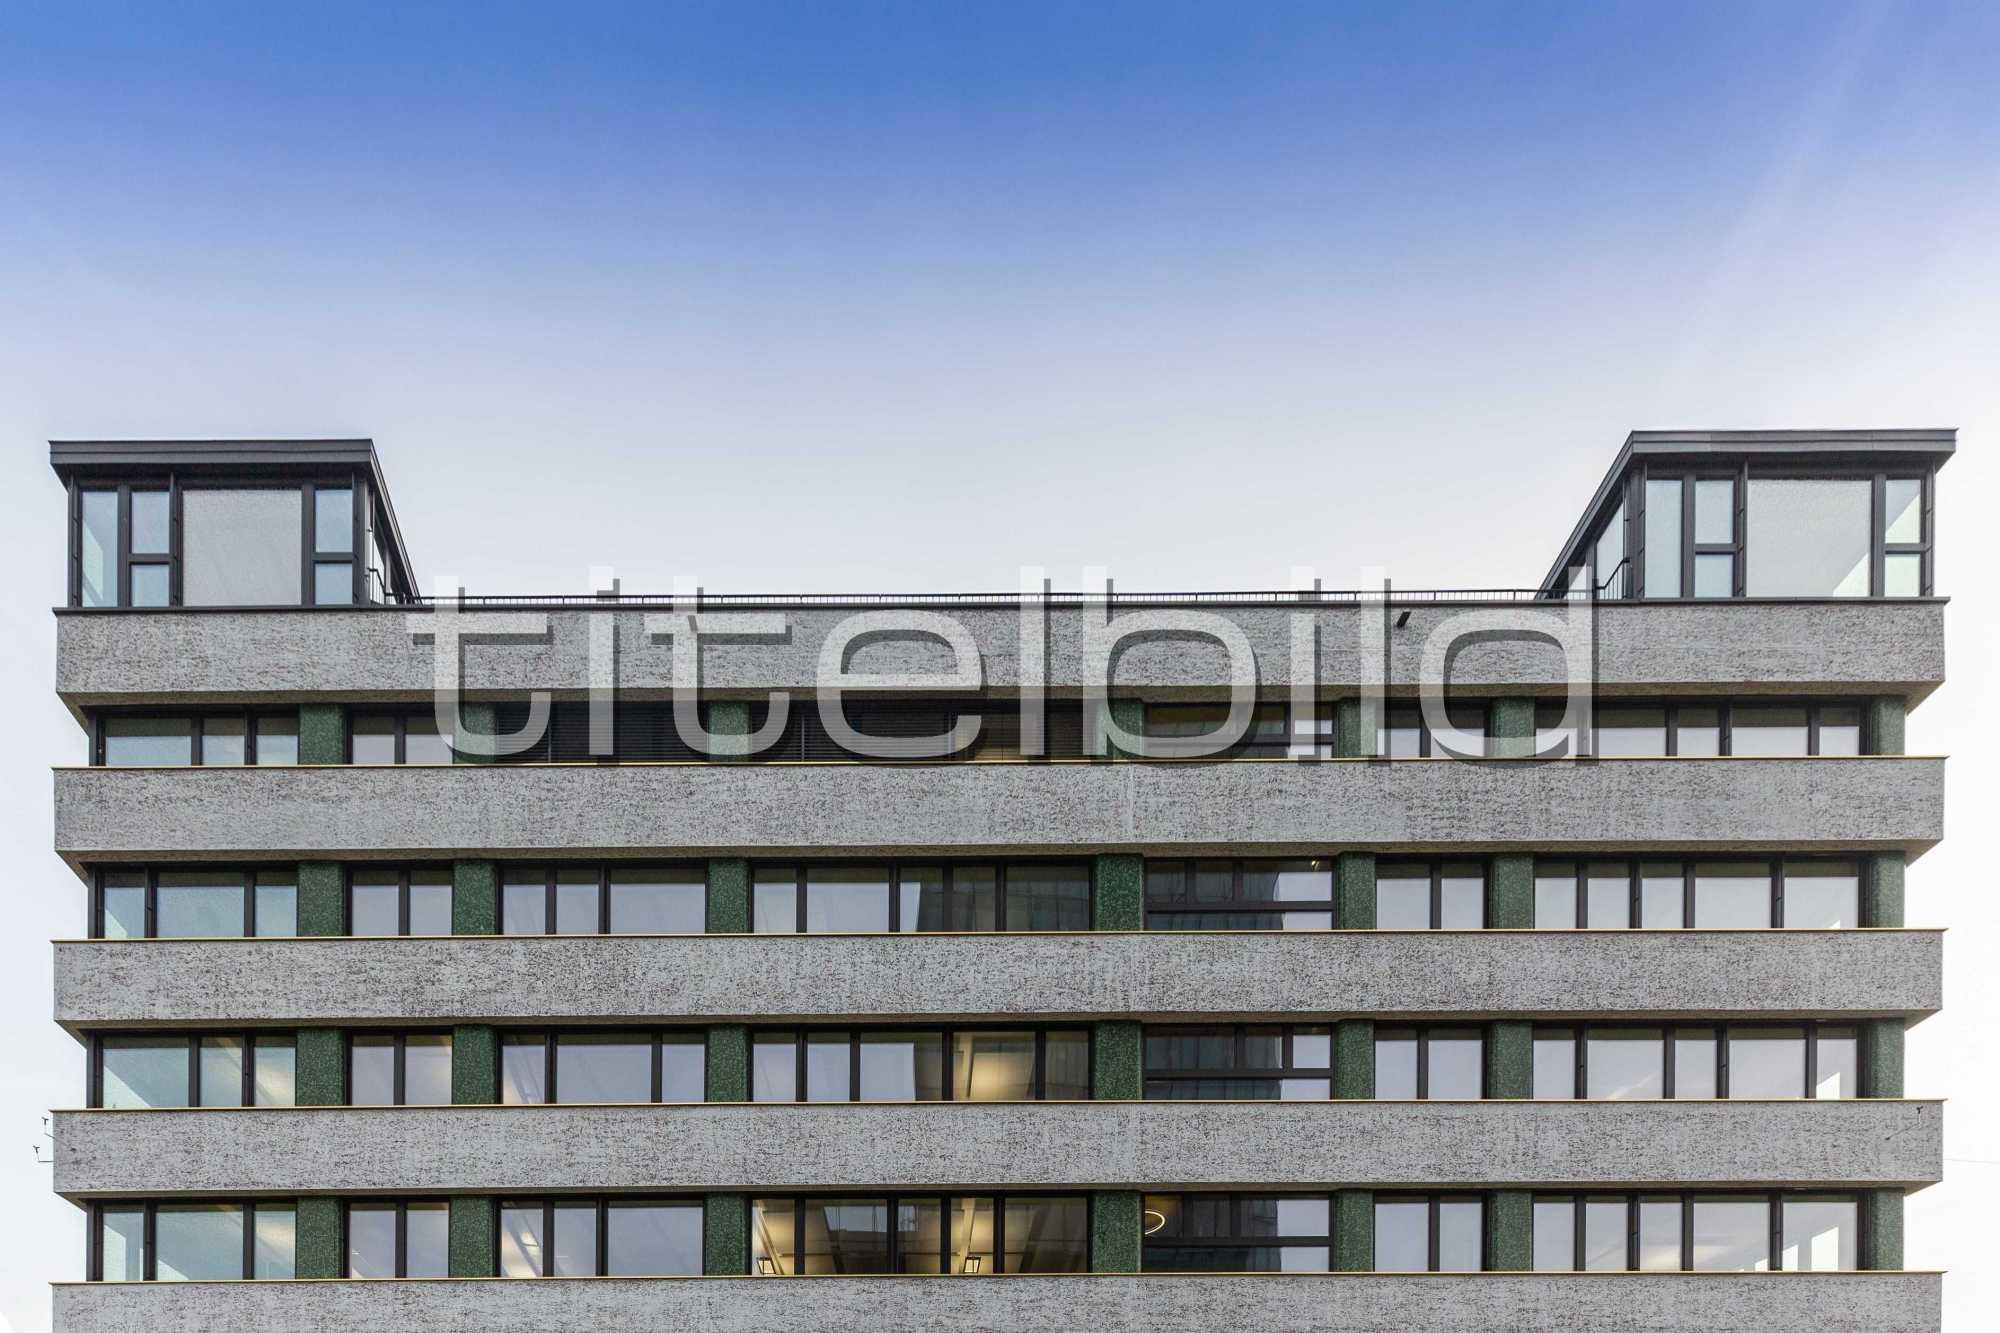 Projektbild-Nr. 4: Sanierung Geschäftshaus Hohlstrasse 612, 8048 Zürich